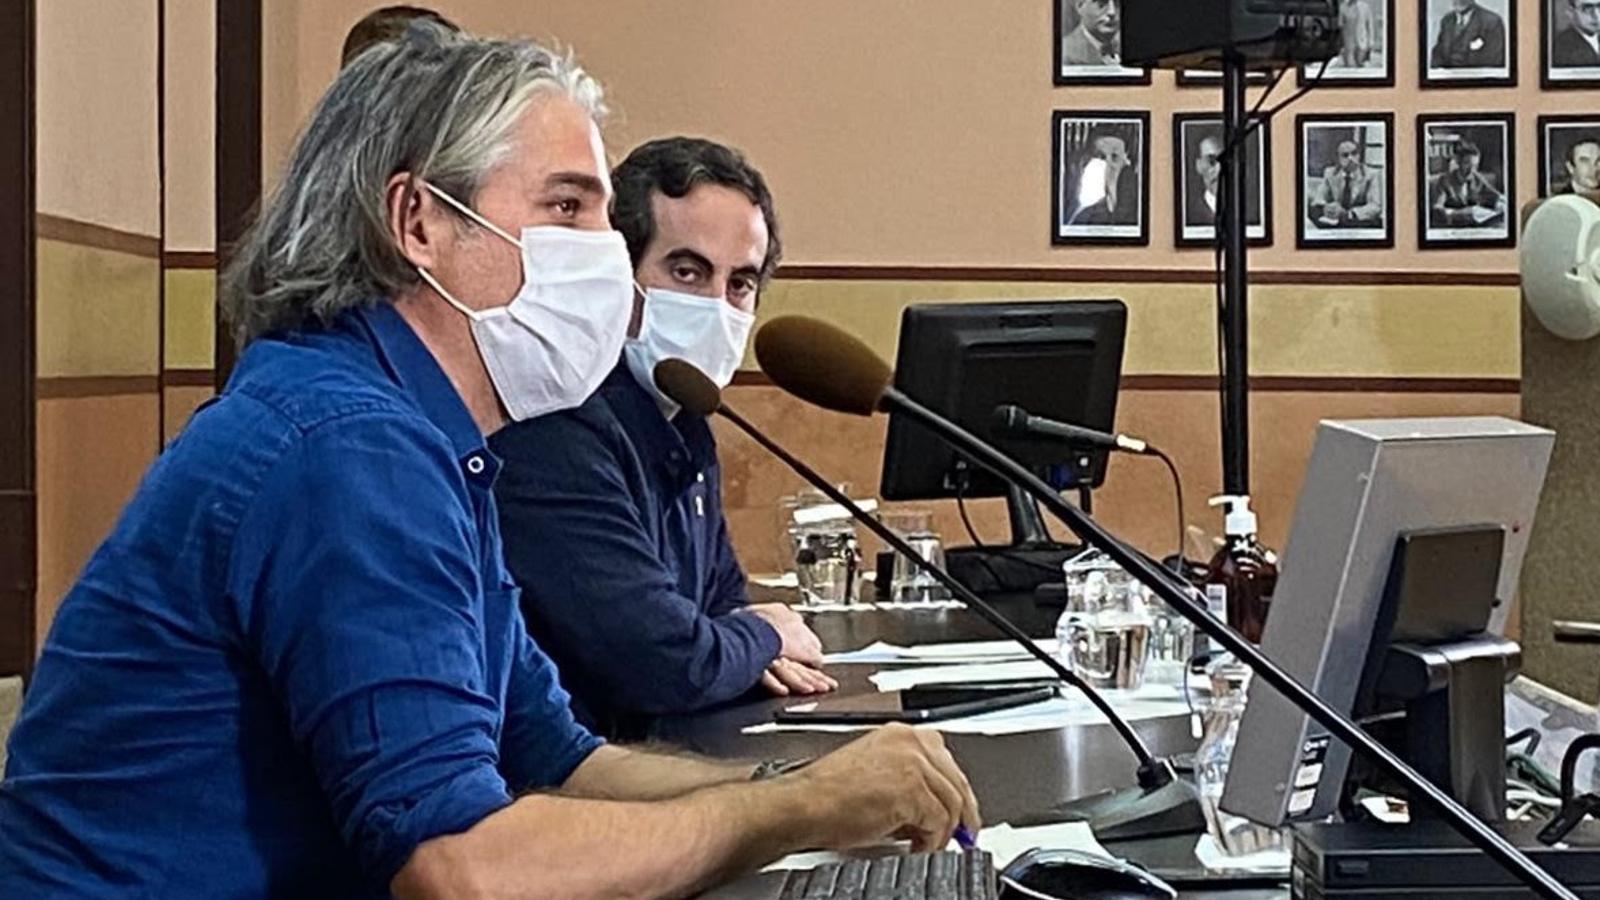 El secretari general de Salut, Marc Ramentol, i el coordinador de la unitat de seguiment del covid-19 a Catalunya, Jacobo Mendioroz, en una roda de premsa.